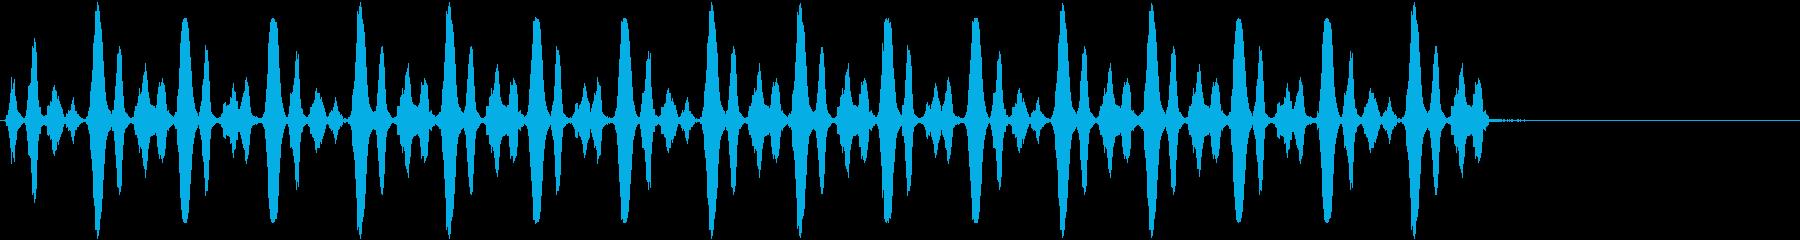 フルート:ファニーホースギャロップ...の再生済みの波形